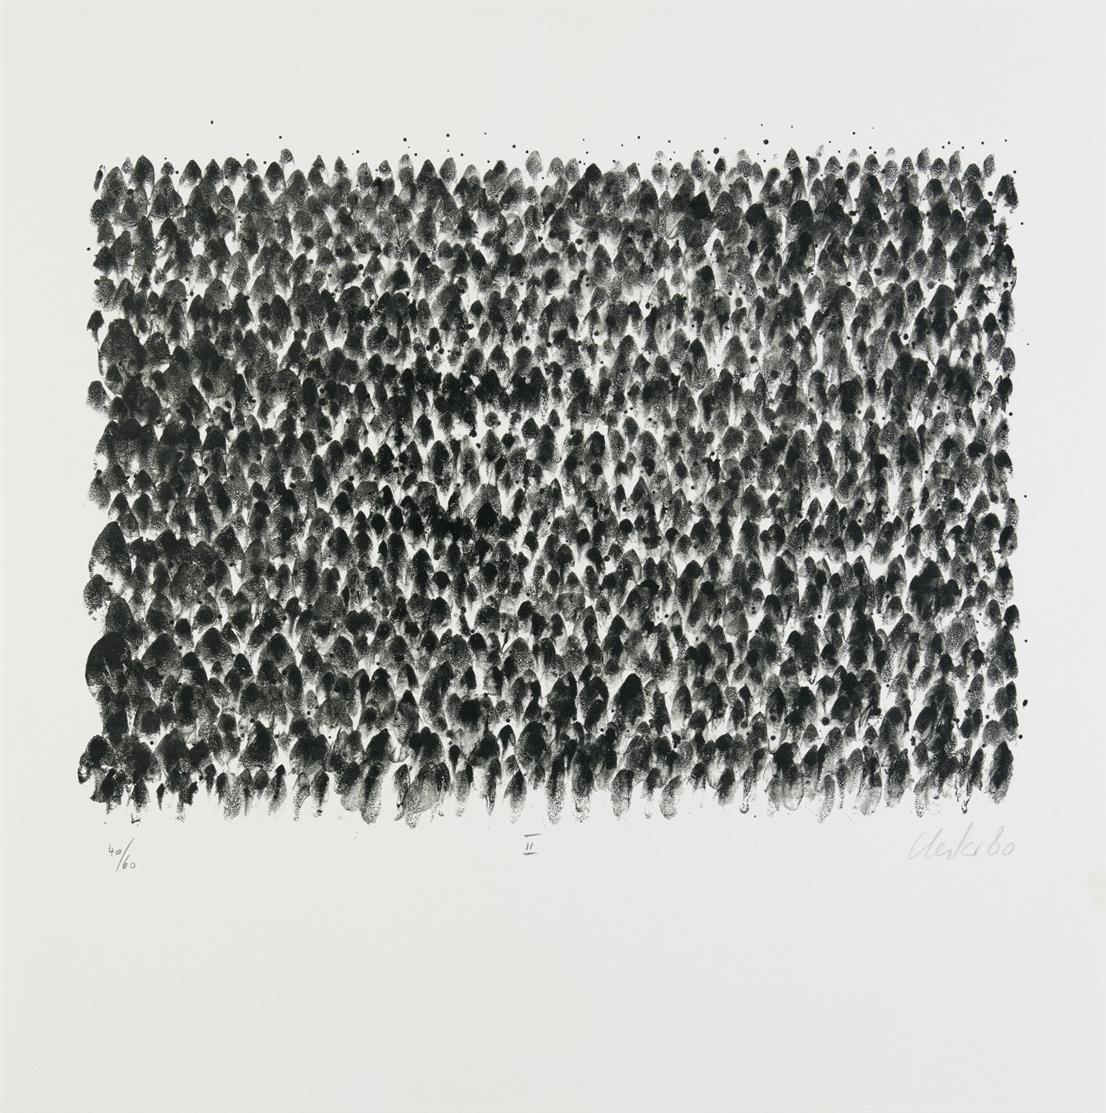 Günther Uecker. Drei Beete im zärtlichen Garten. 1980. Mappenwerk mit 3 Blatt Lithographien, 1 Blatt lithogr.Titel, 1 Blatt Druckvermerk. Signiert. Ex. 40/60 (GA 75 Ex.).